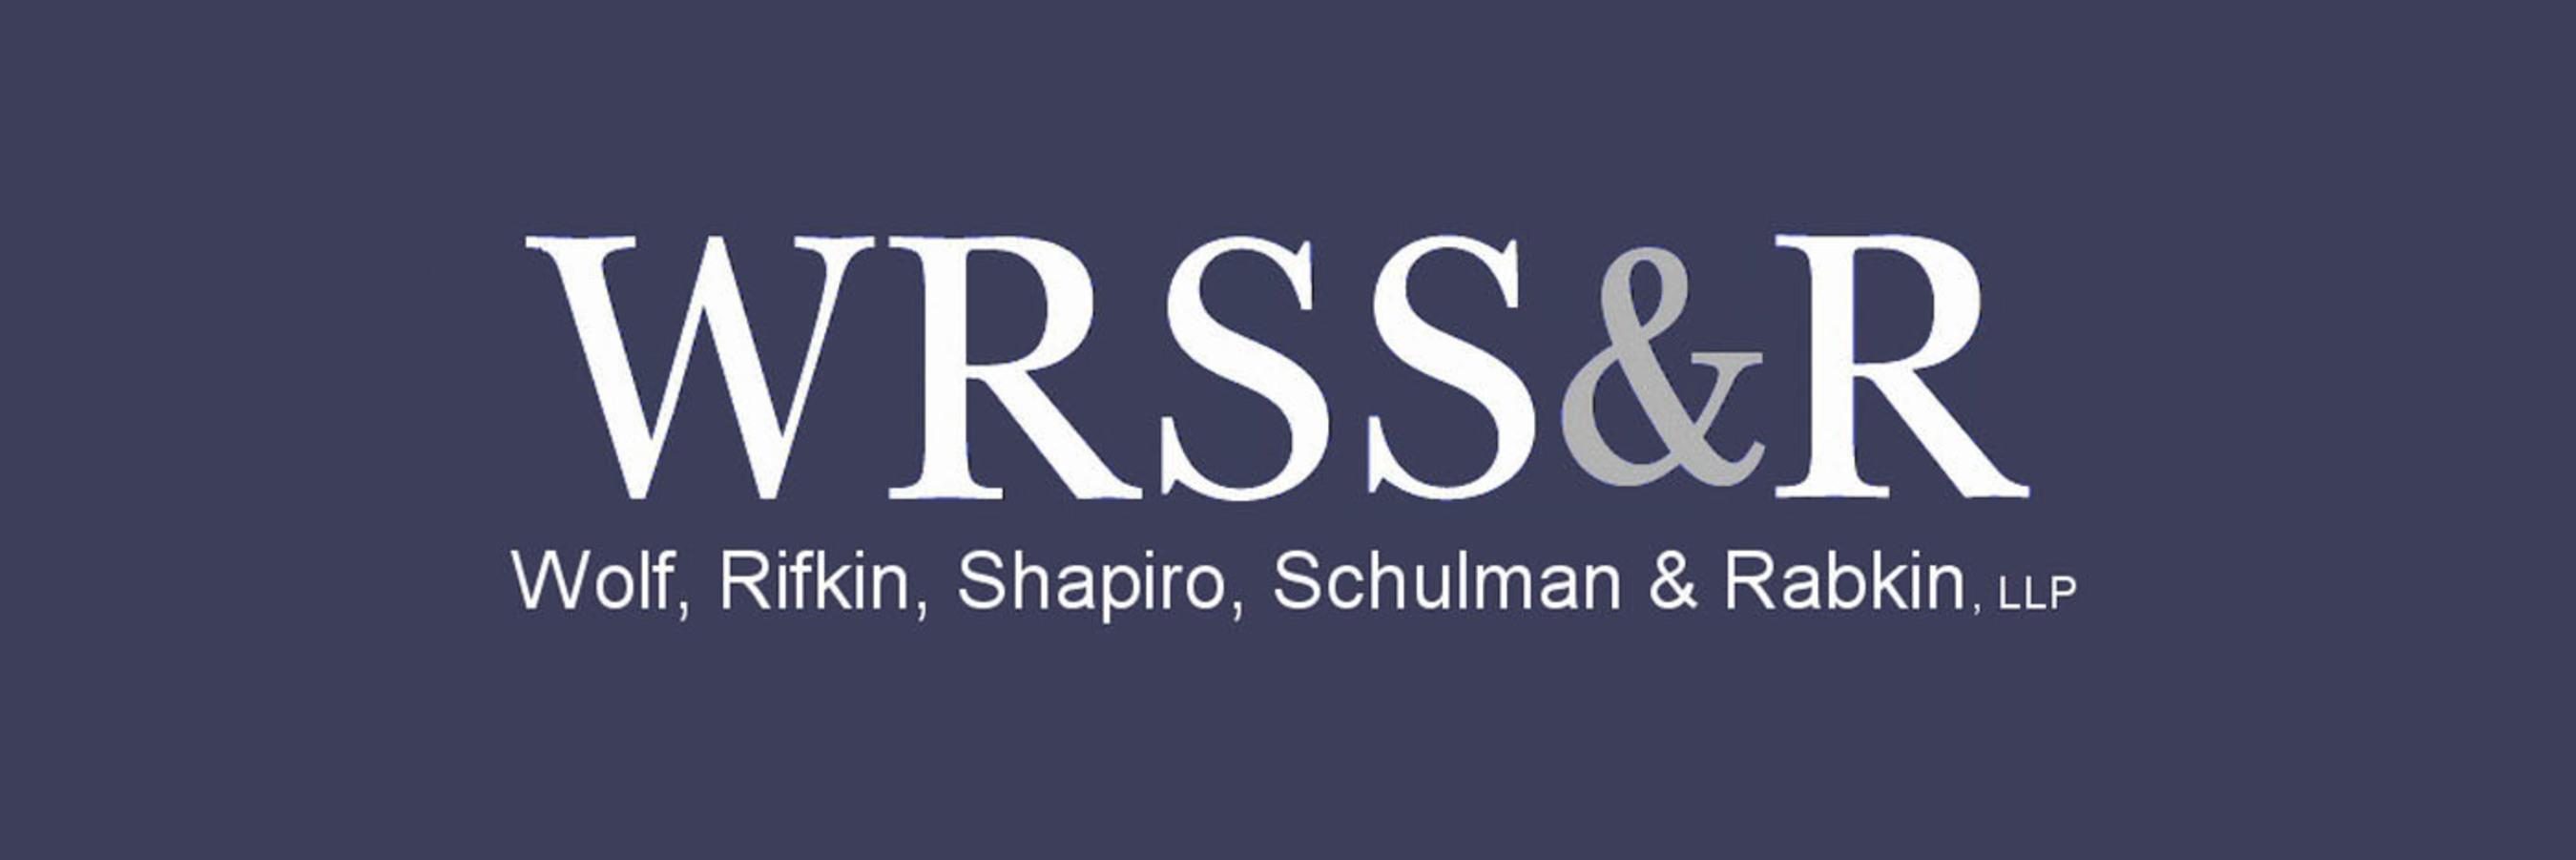 WRSS&R.